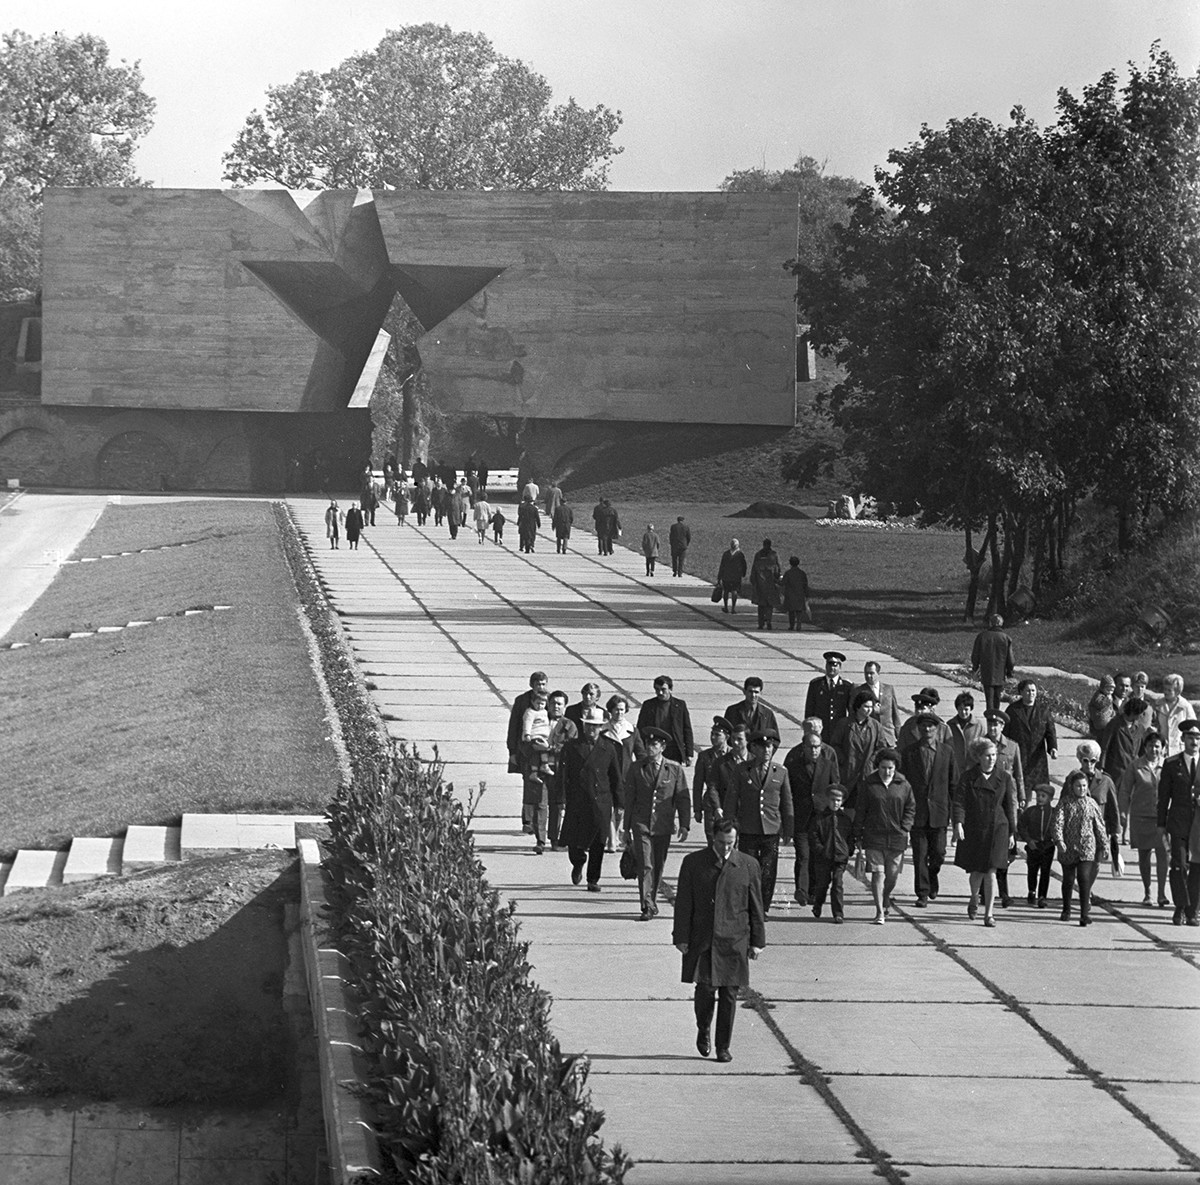 Pour commémorer le 23e anniversaire du début de la Grande Guerre patriotique, un mémorial a été inauguré dans la forteresse de Brest, en Biélorussie.